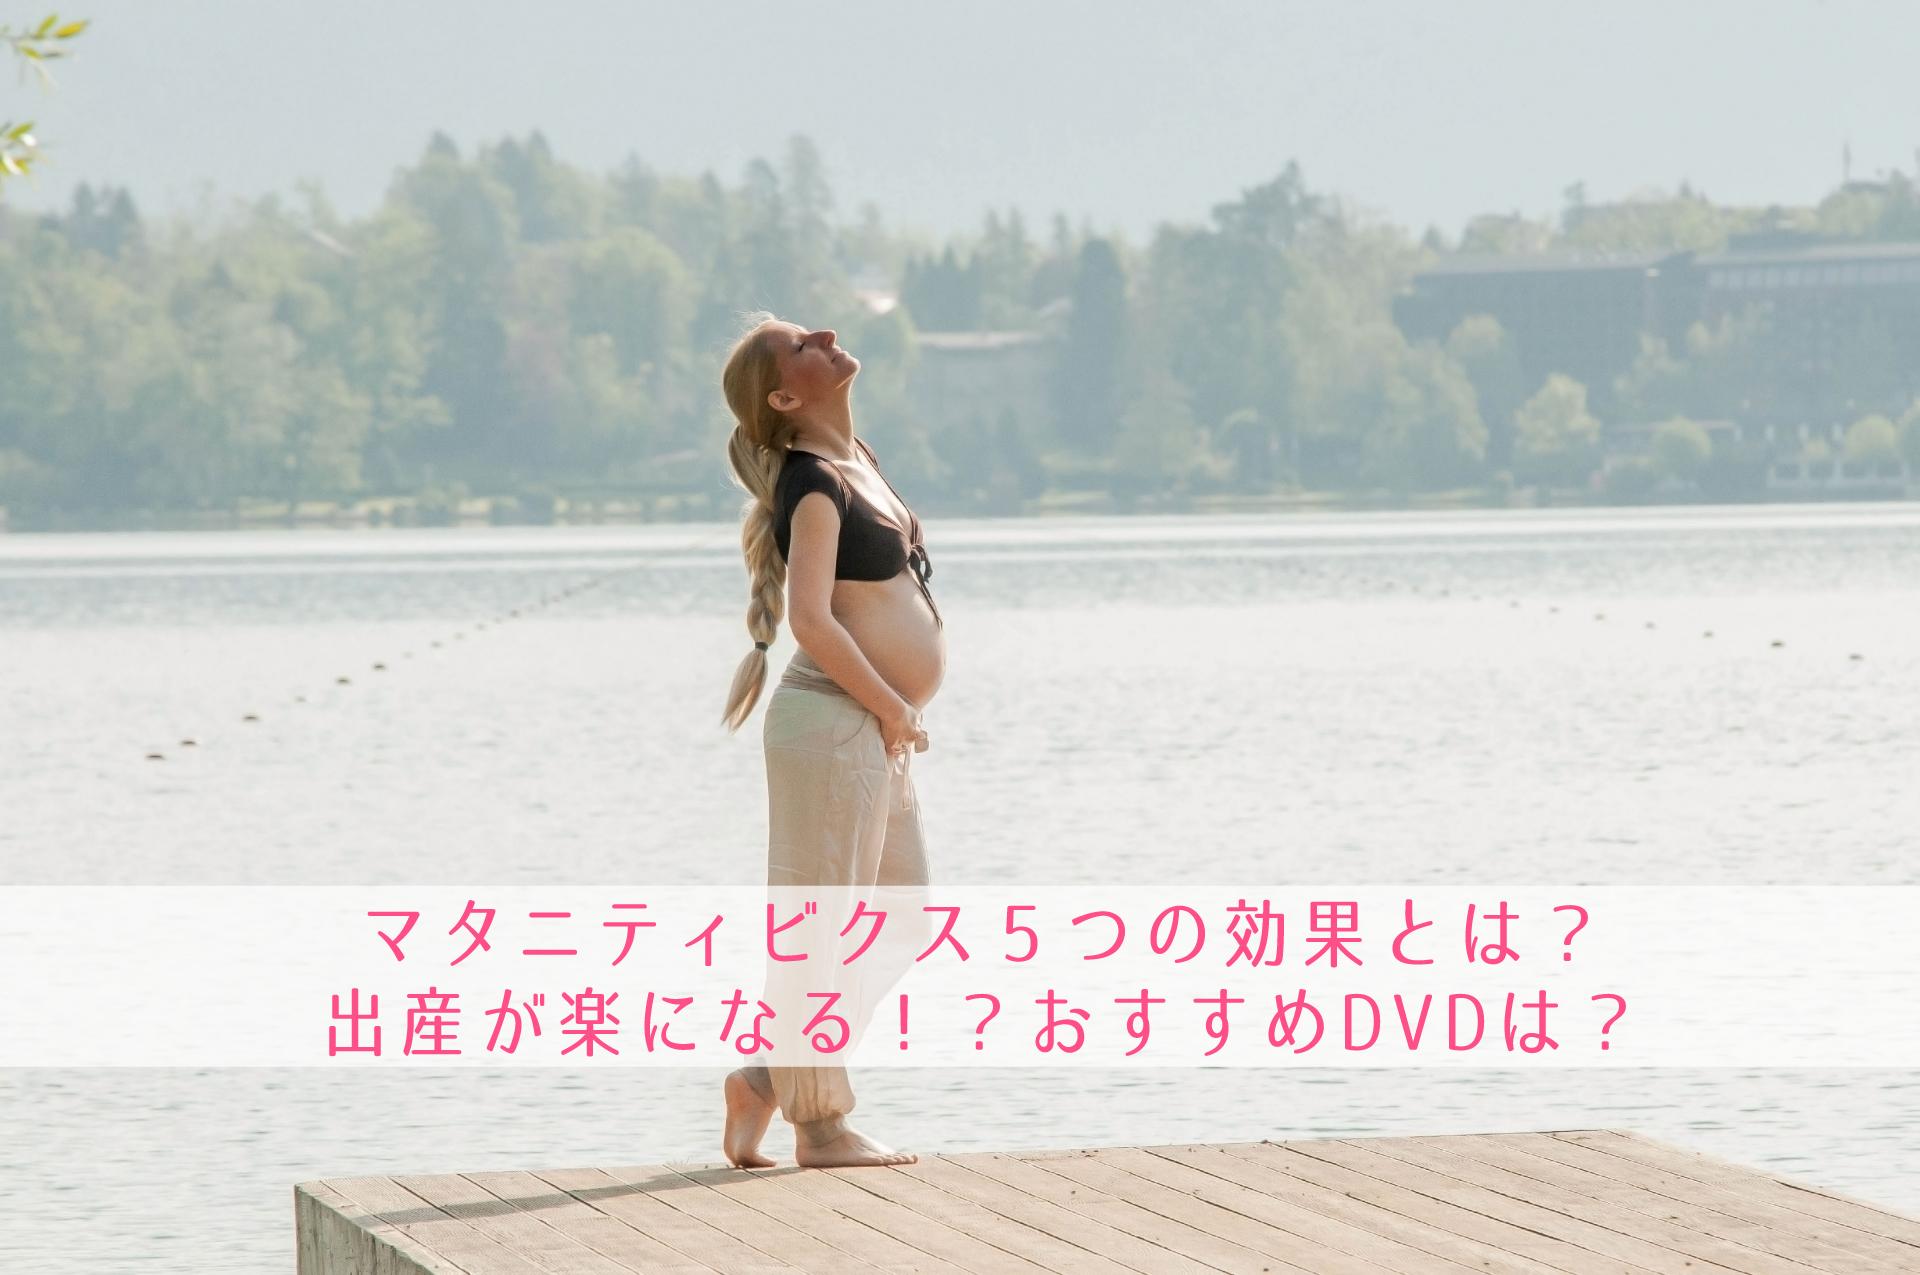 マタニティビクス5つの効果とは?出産が楽になる!?おすすめDVDは?